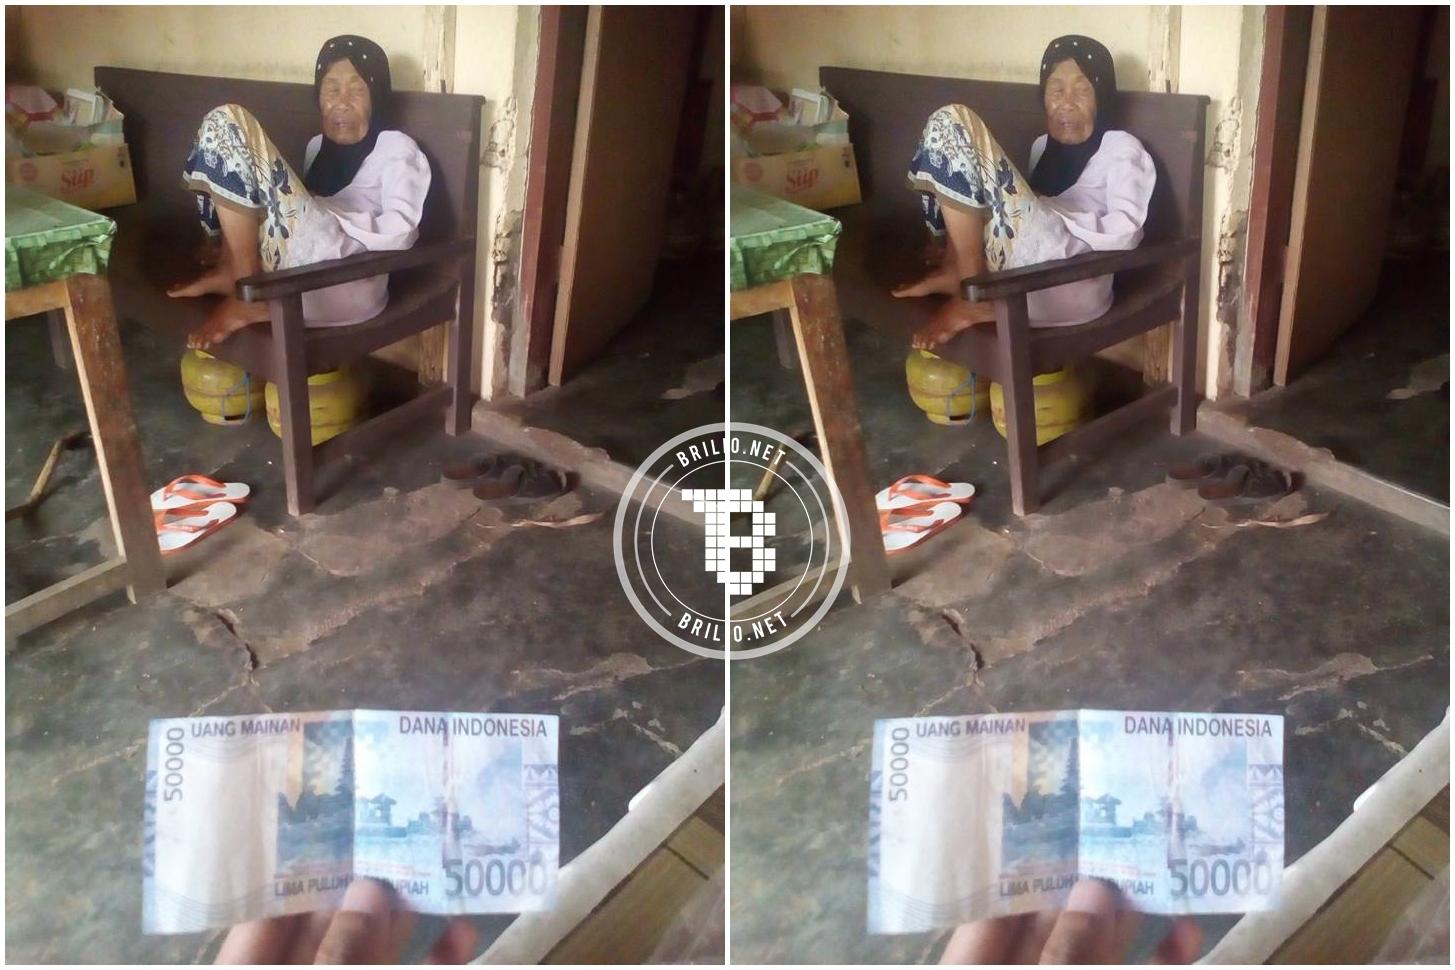 Nenek ini dagangannya dibeli pakai uang mainan, duh tega banget!